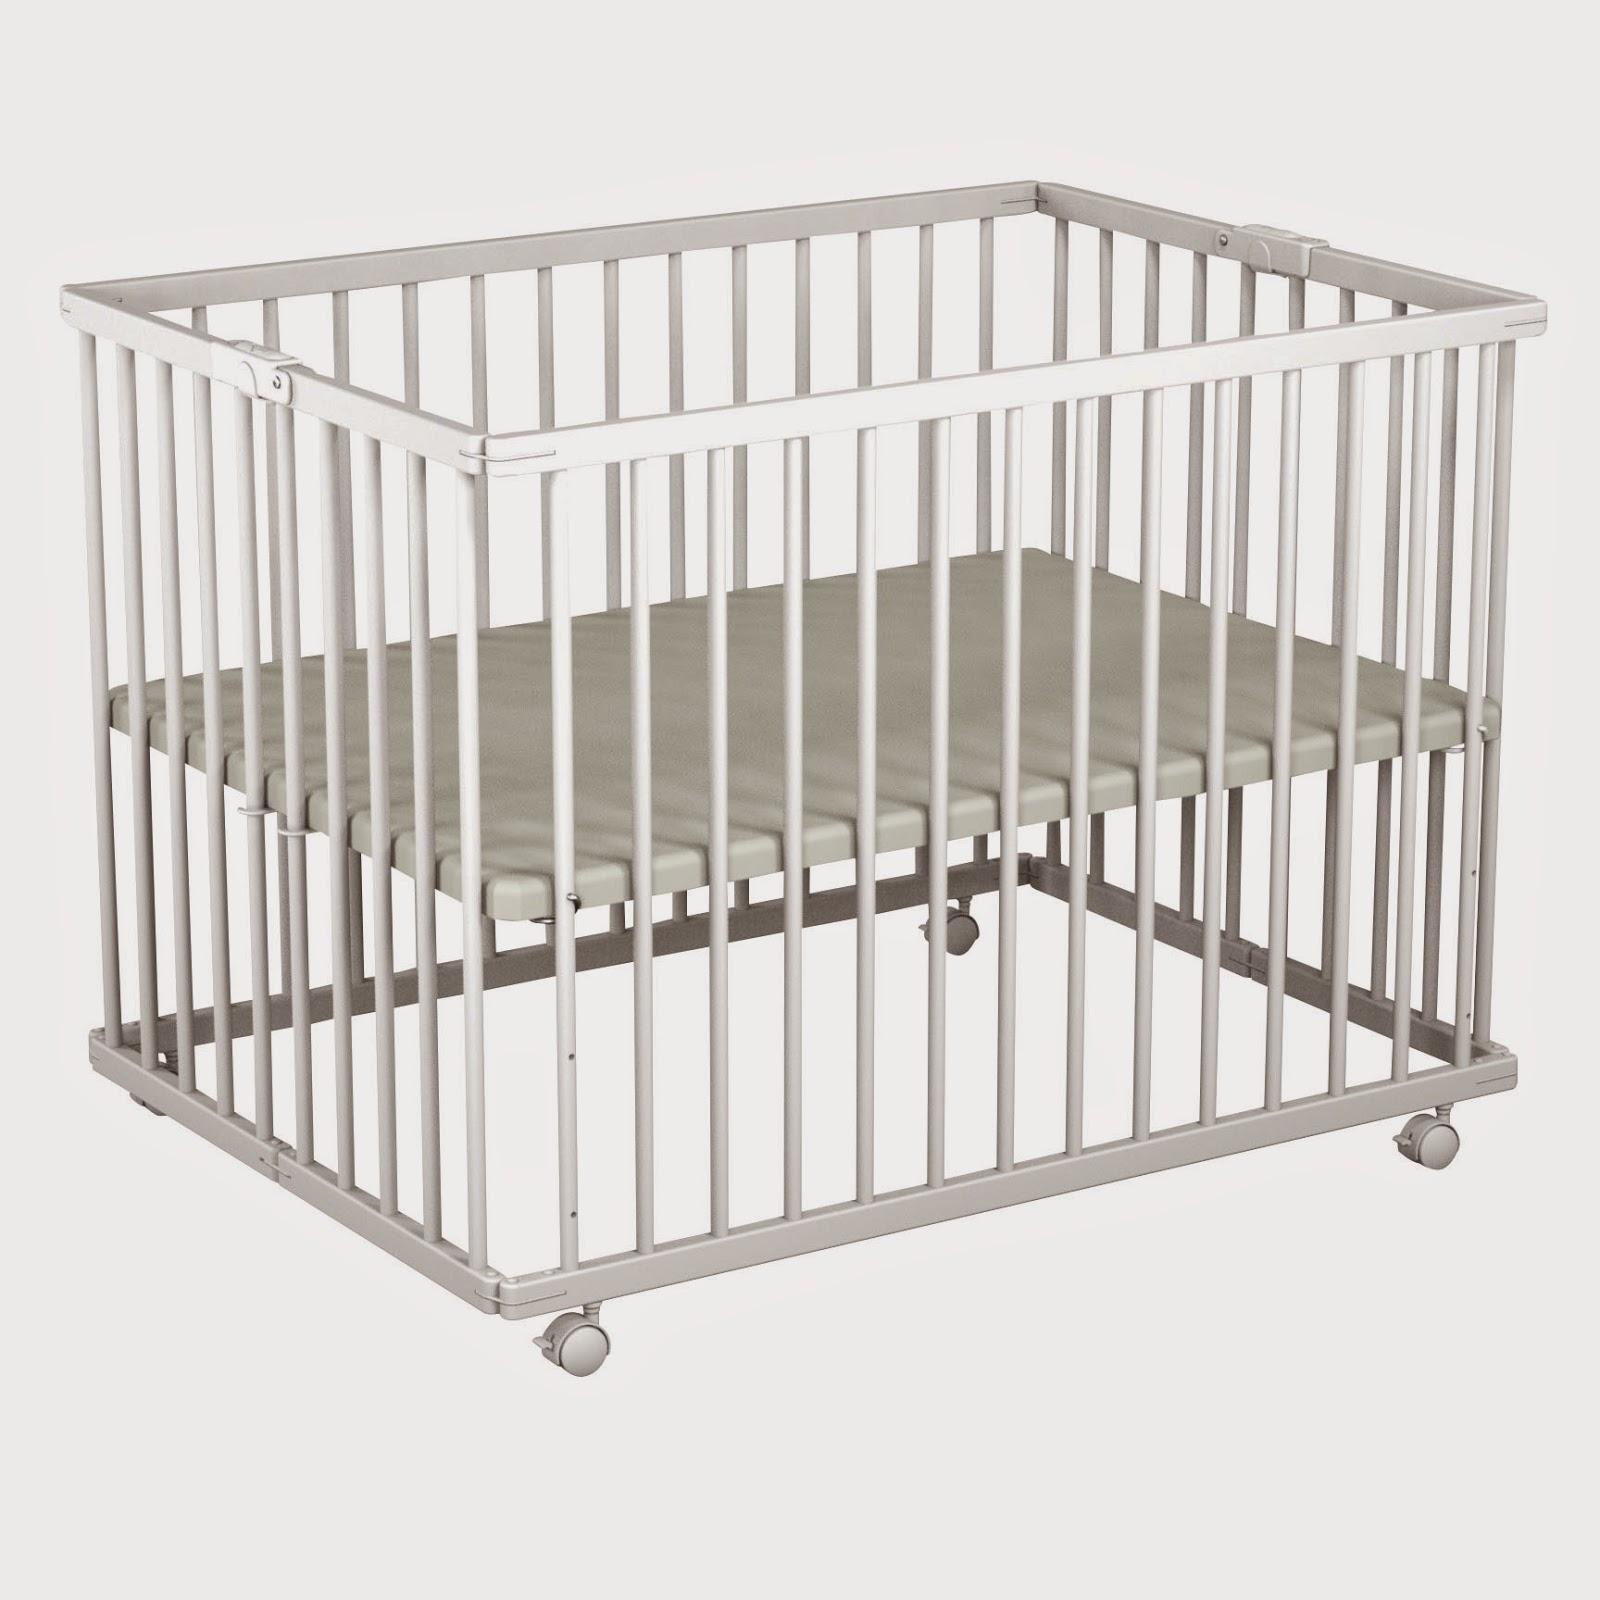 la r cr azou de maman trouvetou b b 9 pour les b b s. Black Bedroom Furniture Sets. Home Design Ideas